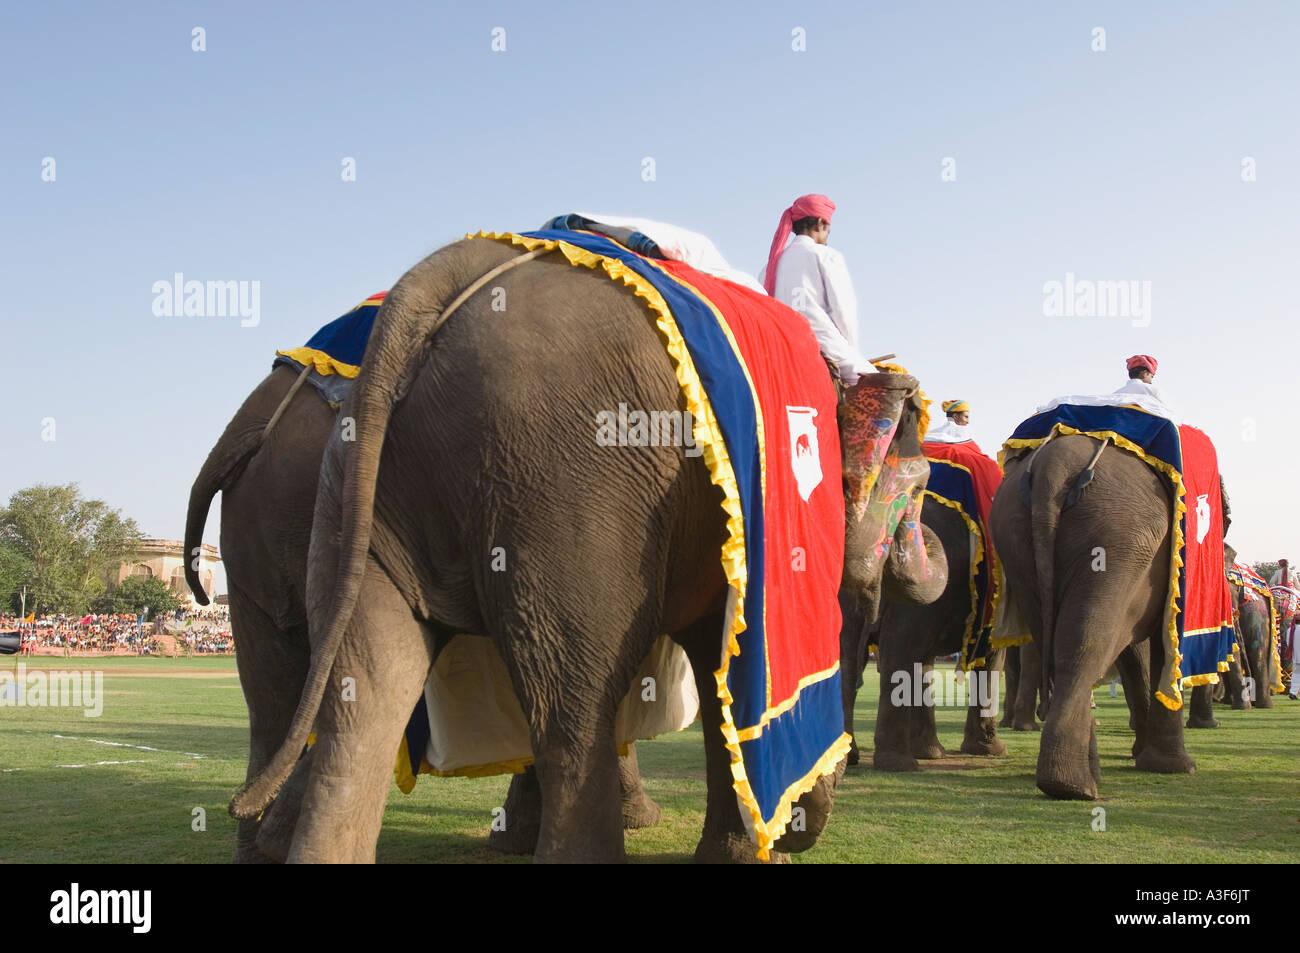 Vista trasera de tres hombres montando elefantes en un festival de elefantes, Jaipur, Rajasthan, India Foto de stock